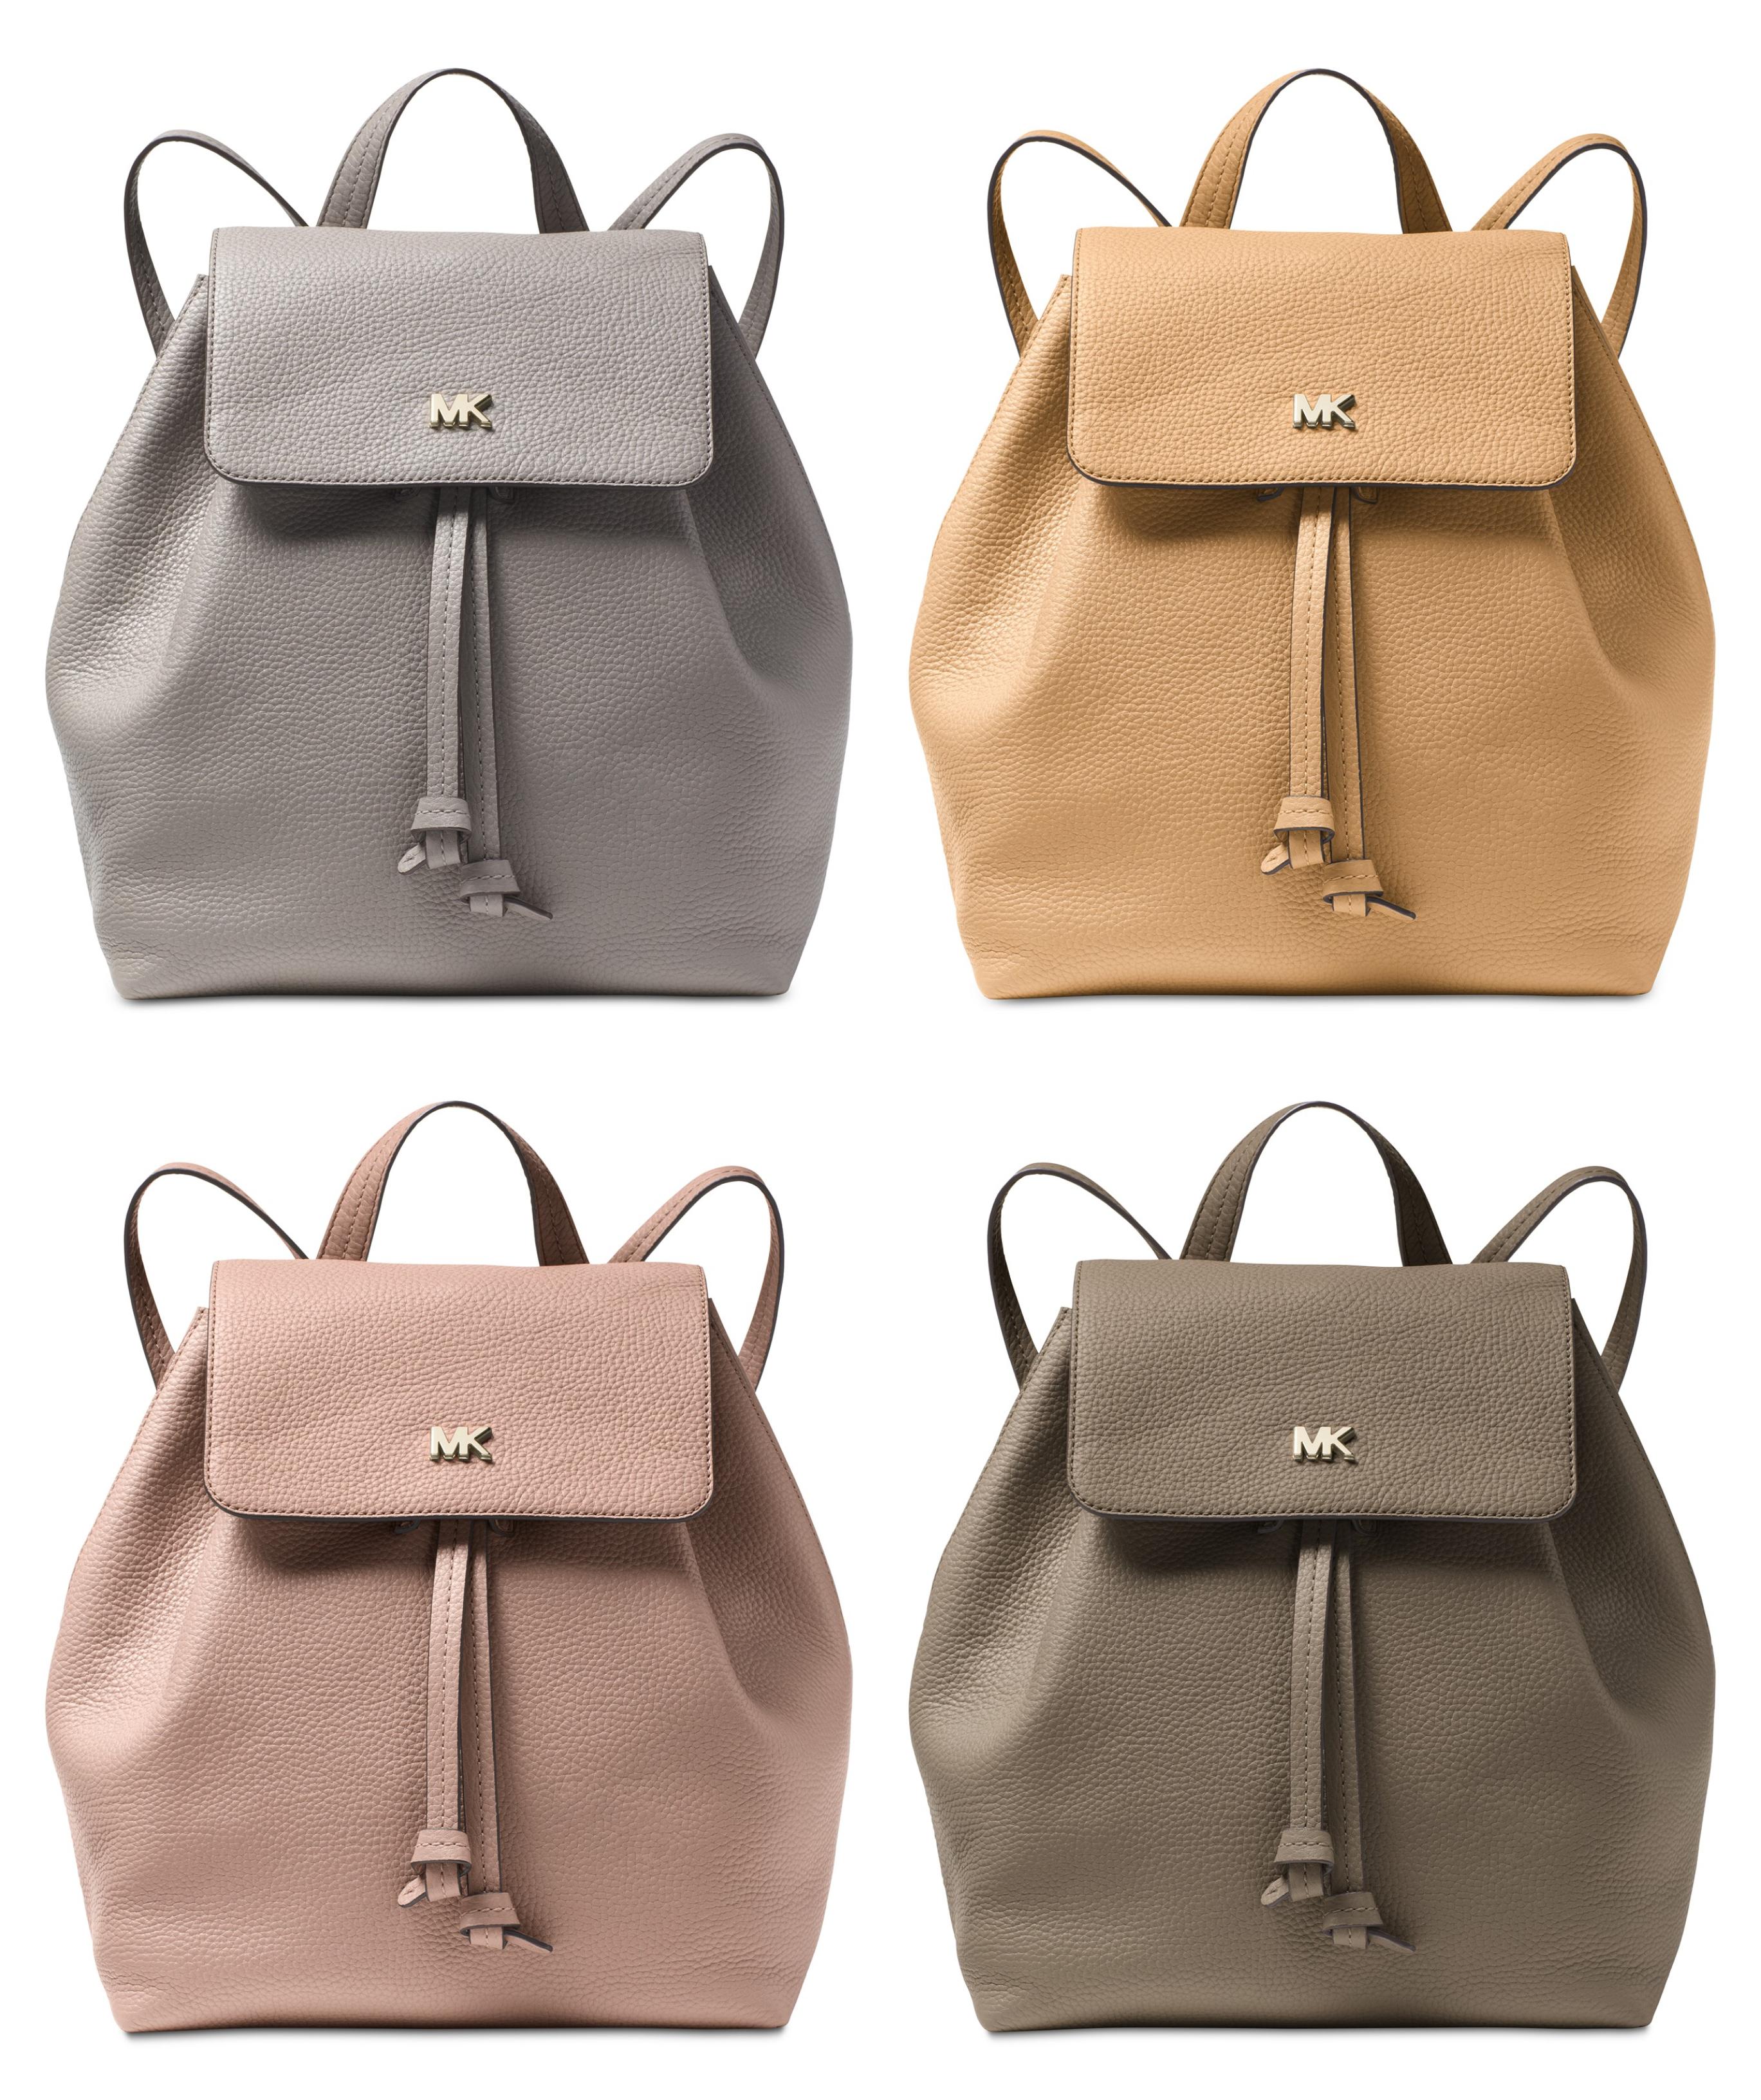 ef97f1dd9e17 Macy's: Michael Kors Backpacks – 60% off + Free Shipping! – Wear It ...